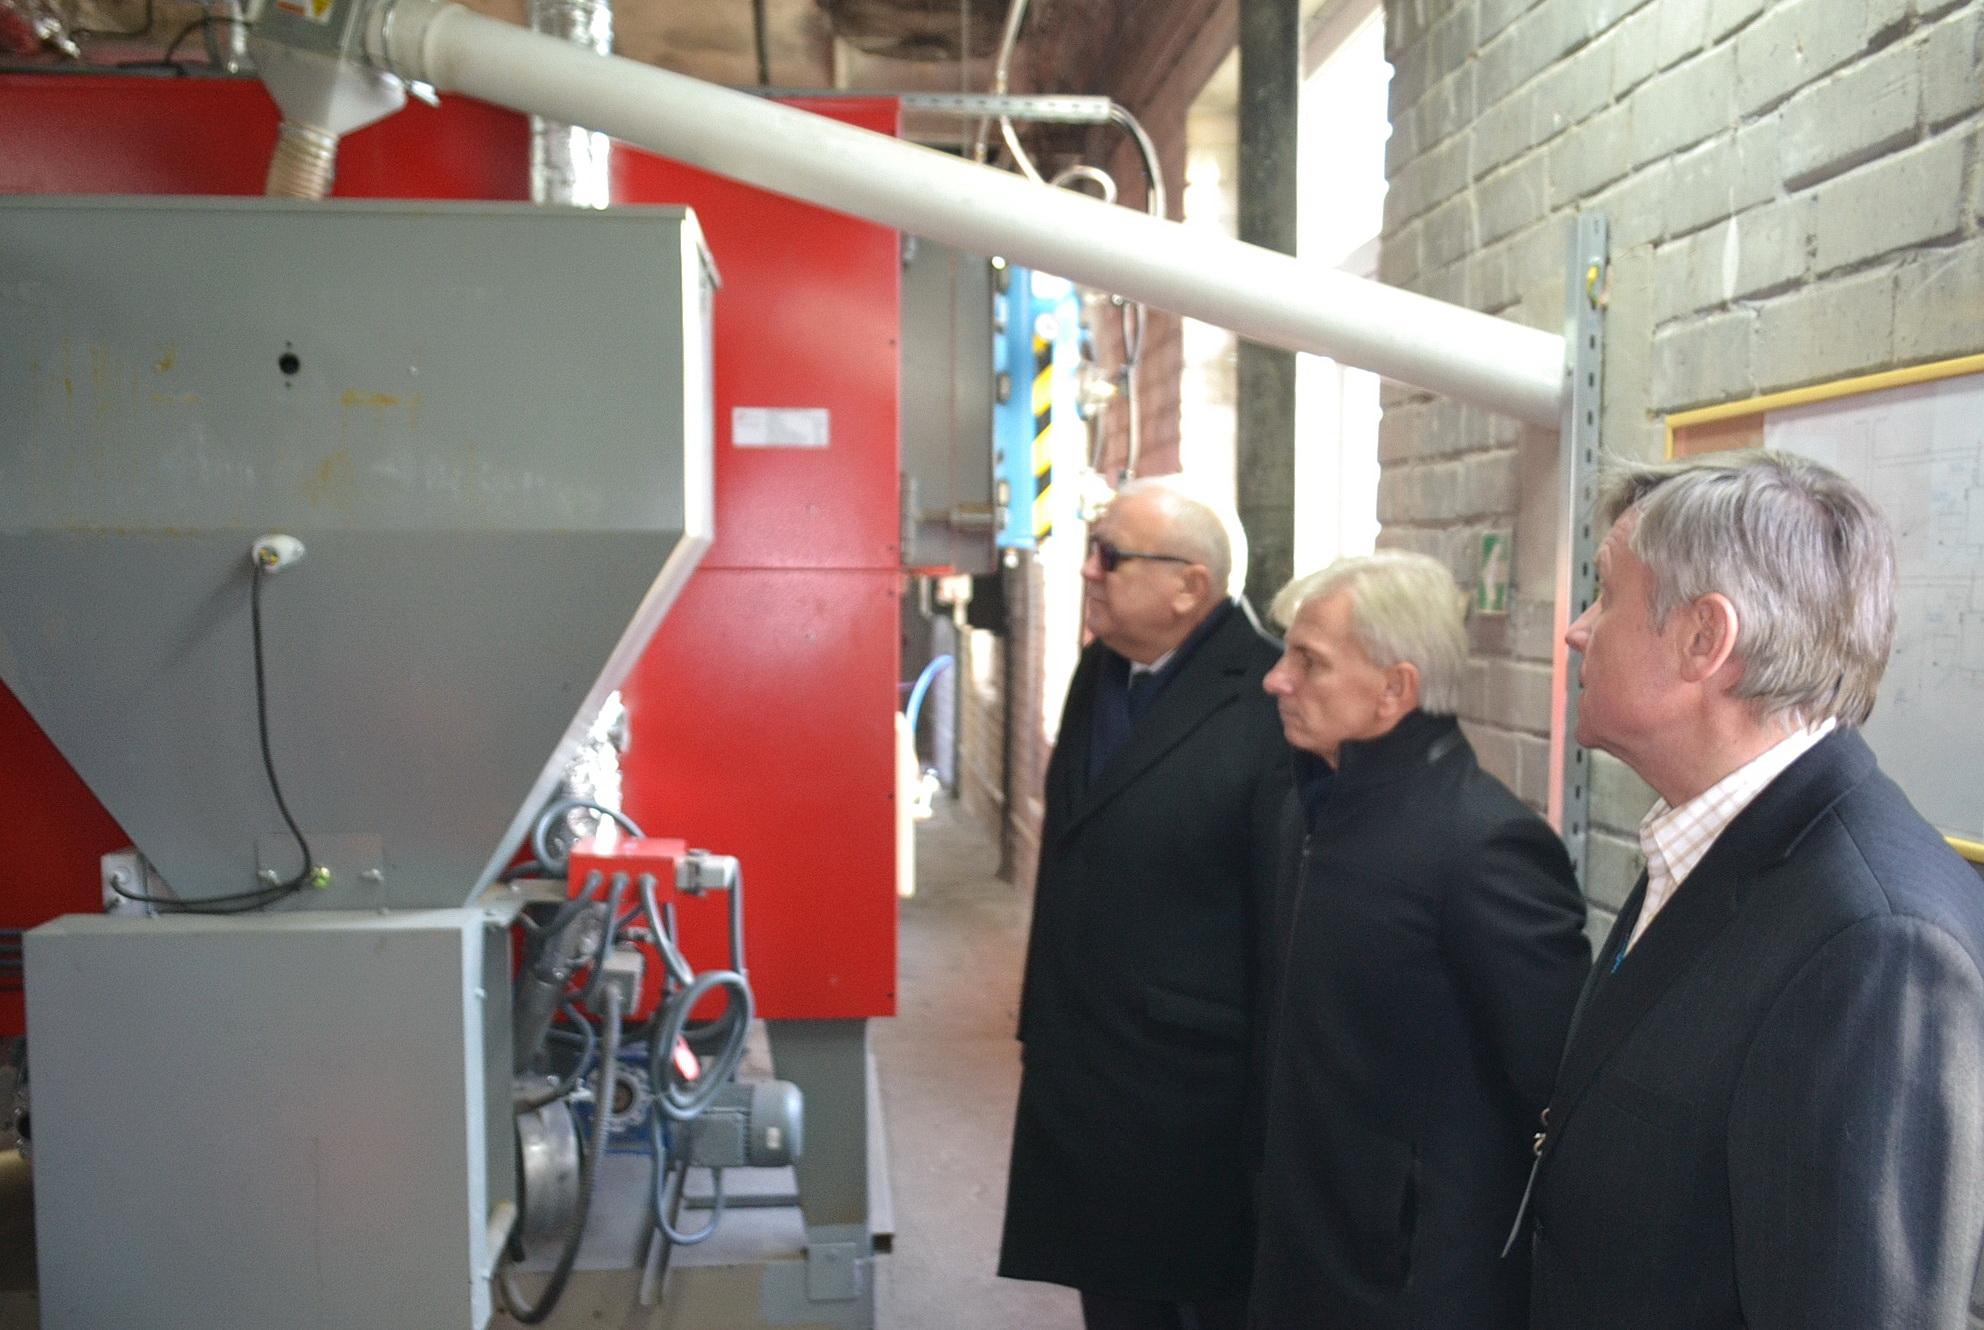 Katilinėje įrengti du nauji 500 kW galingumo katilai. Įrangą apžiūri Klaipėdos jūrininkų ligoninės direktorius dr. Jonas Sąlyga (kairėje), Švėkšnos seniūnas Alfonsas Šeputis. Petro Skutulo nuotr.